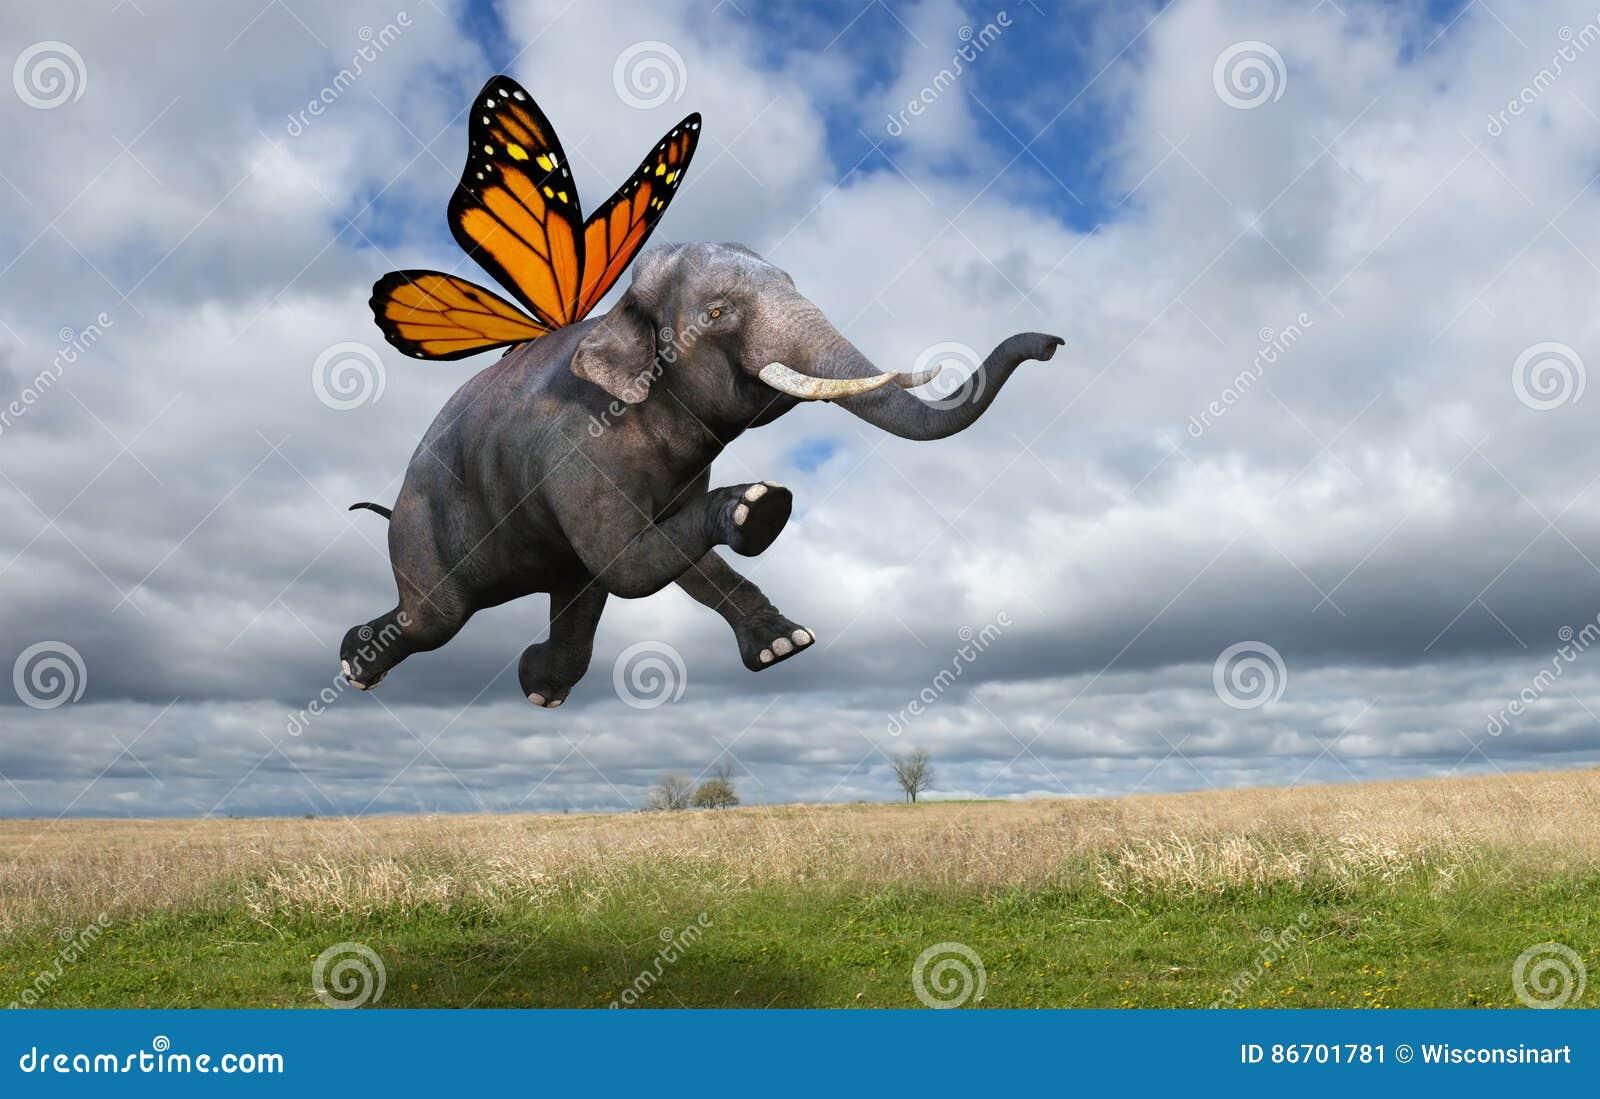 le papillon de monarque surr aliste s 39 envole l 39 l phant. Black Bedroom Furniture Sets. Home Design Ideas